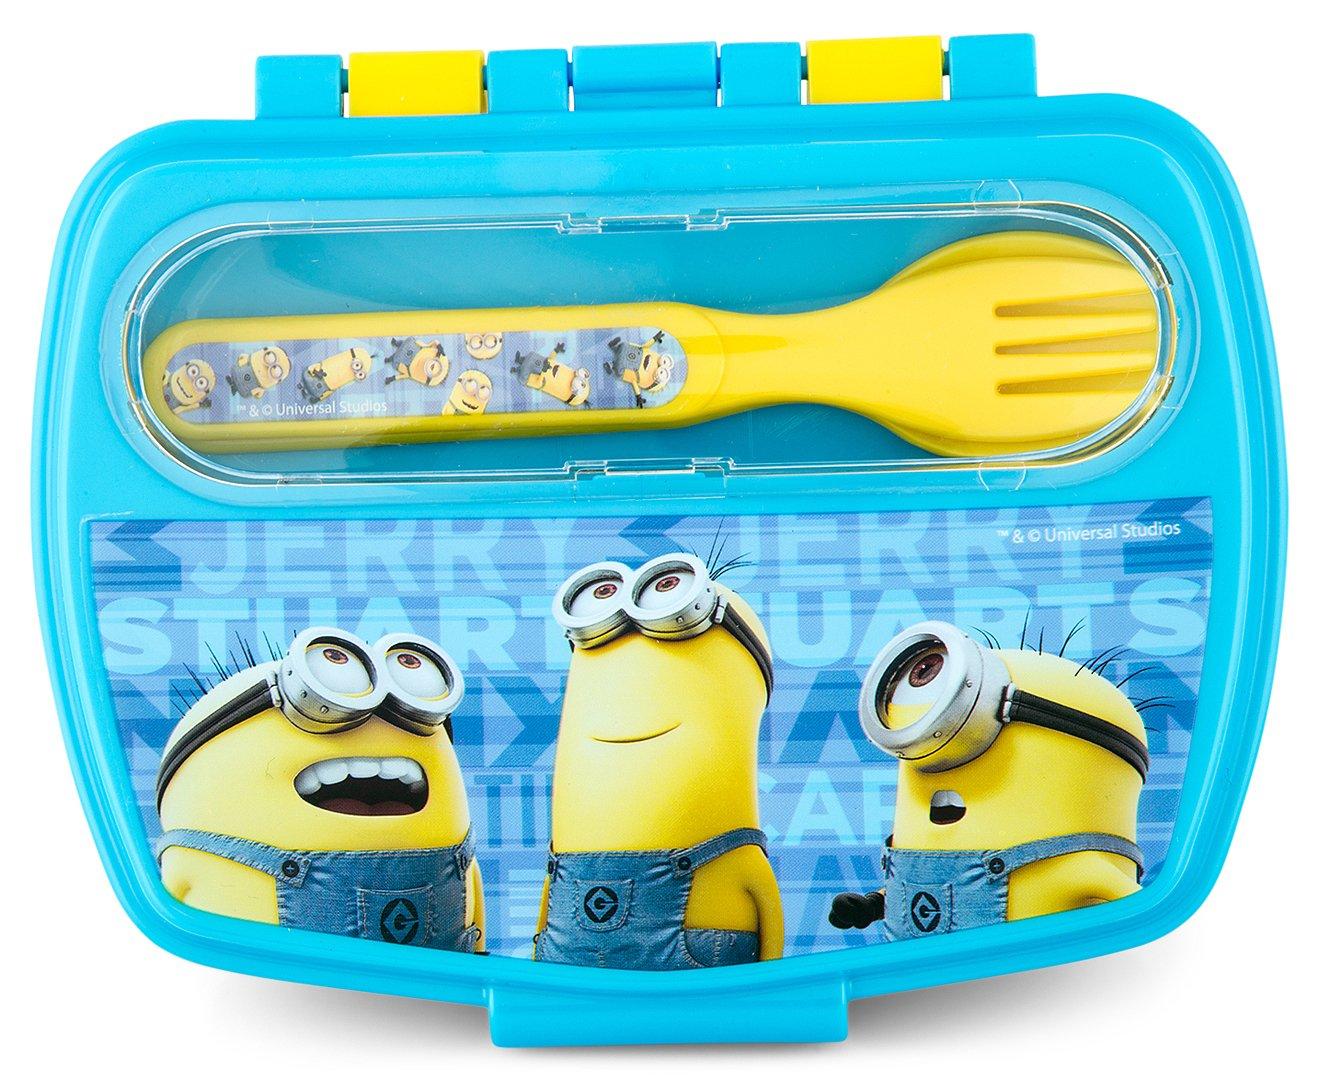 Boyz Toys ST438 Sandwich Box with Cutlery - Minions, Multi Boys Toys 89809